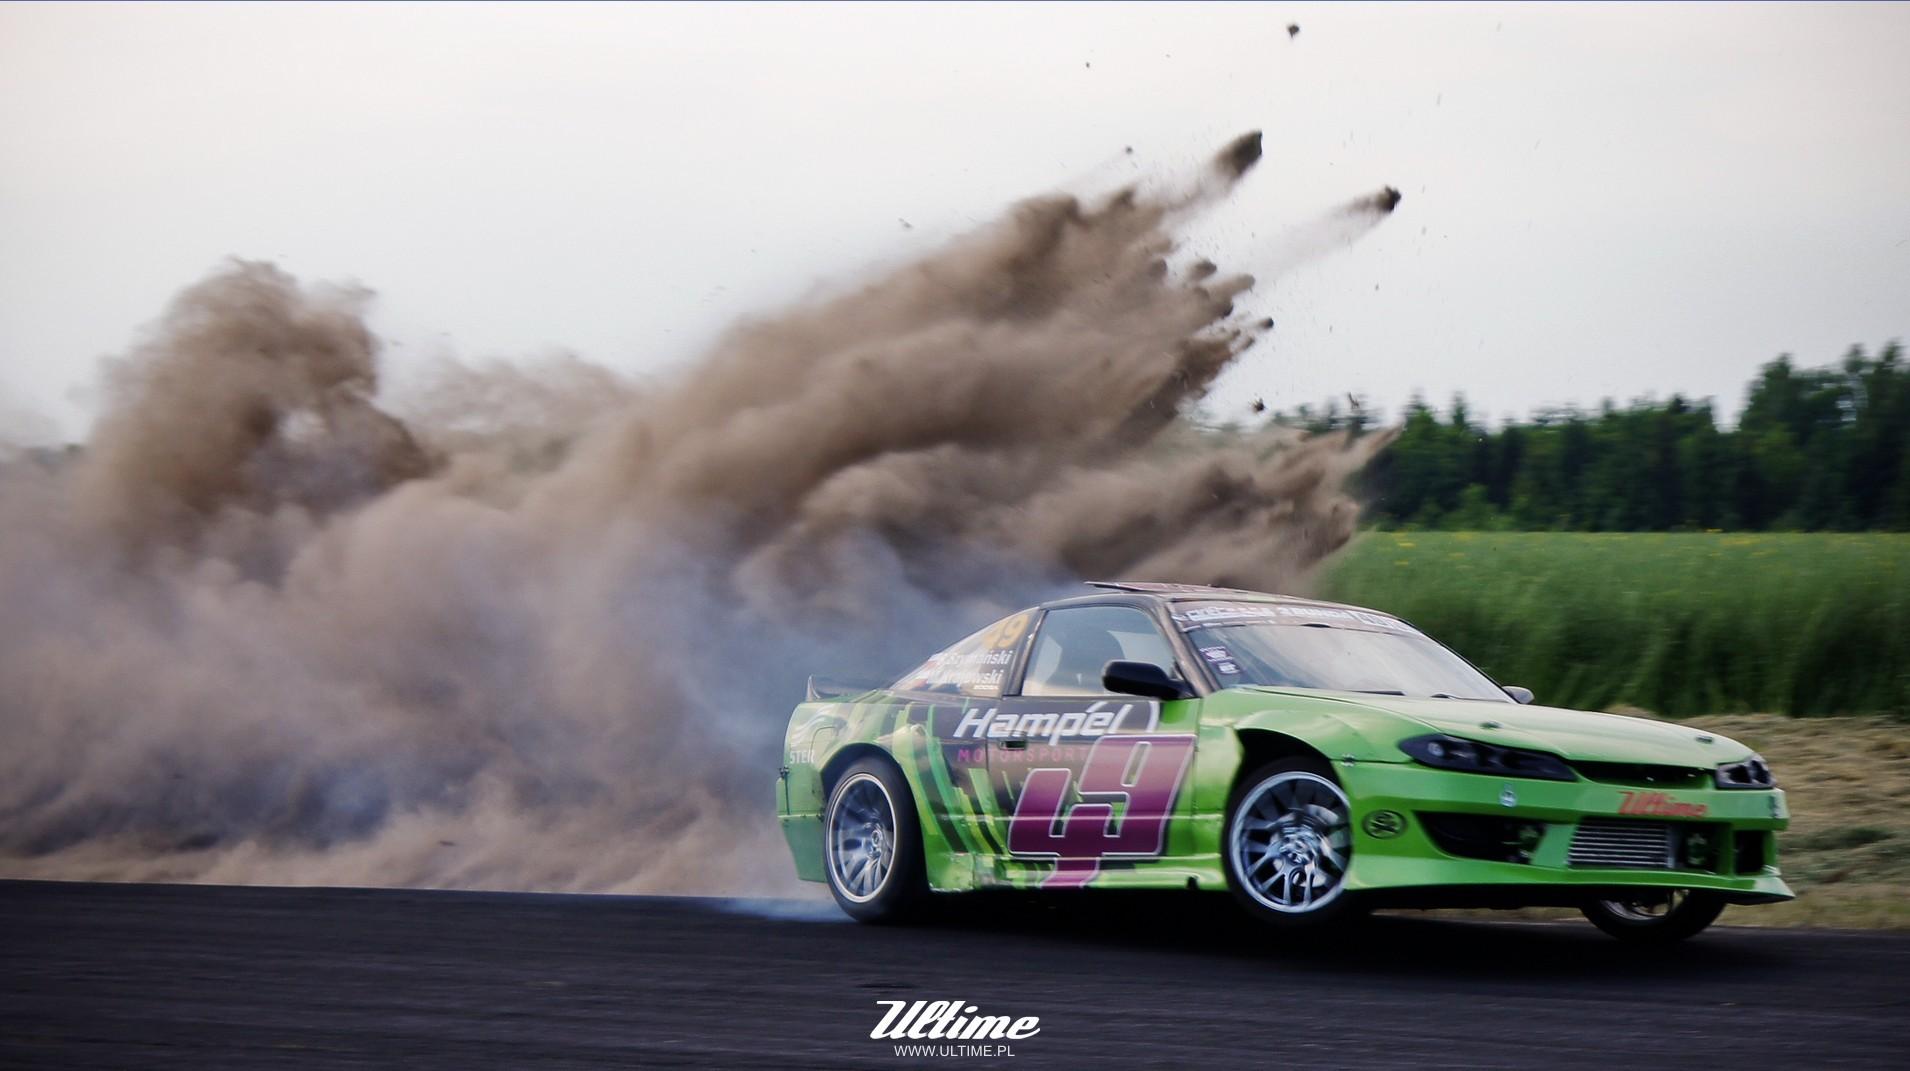 driftopen - mikso w akcji